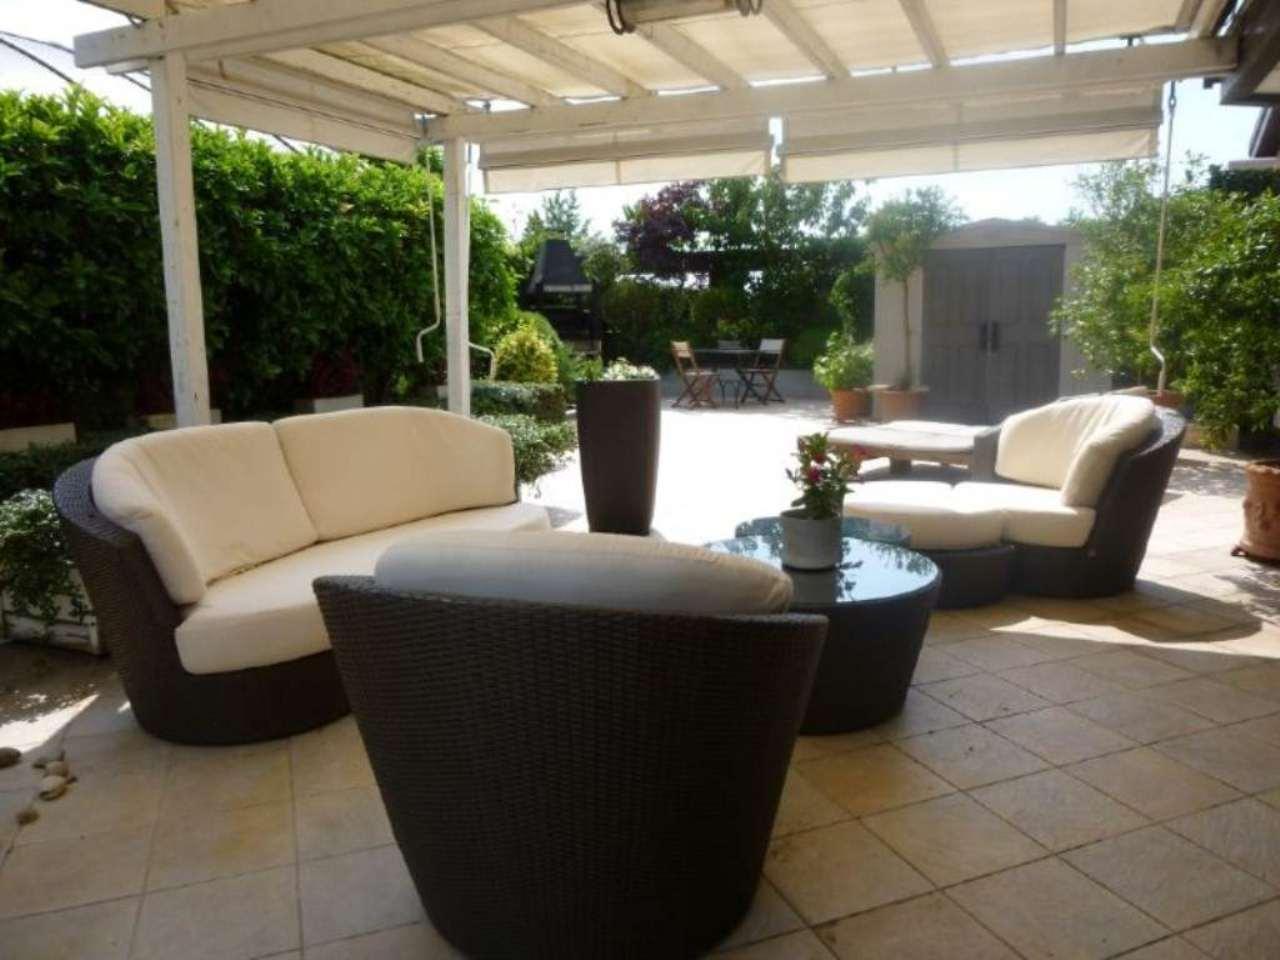 Attico / Mansarda in vendita a Treviso, 7 locali, prezzo € 640.000 | Cambio Casa.it